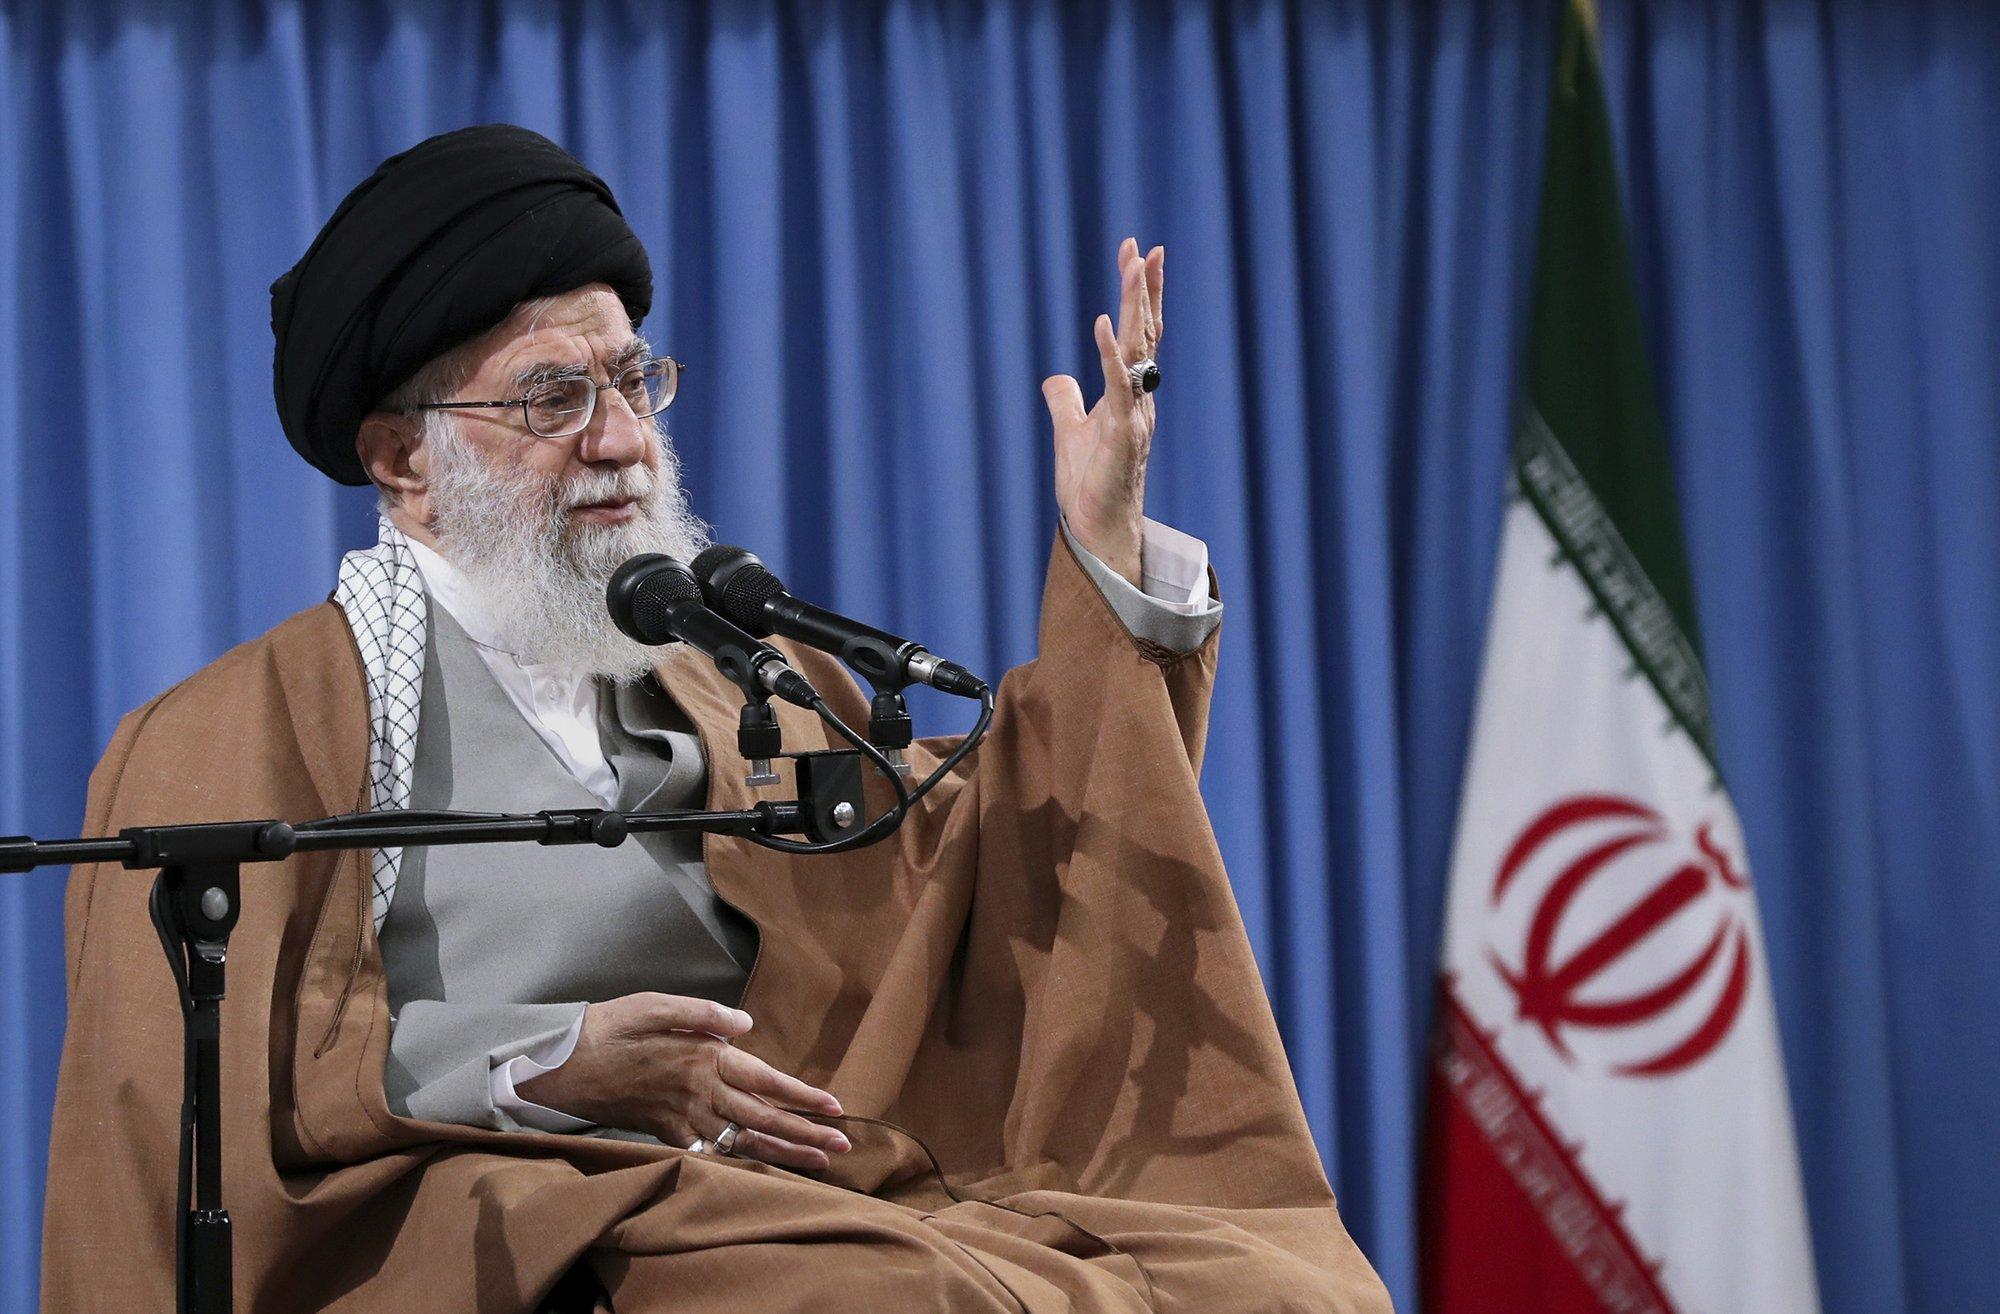 Iran says U.S. sanctions on Khamenei mean end of diplomacy: Tweet